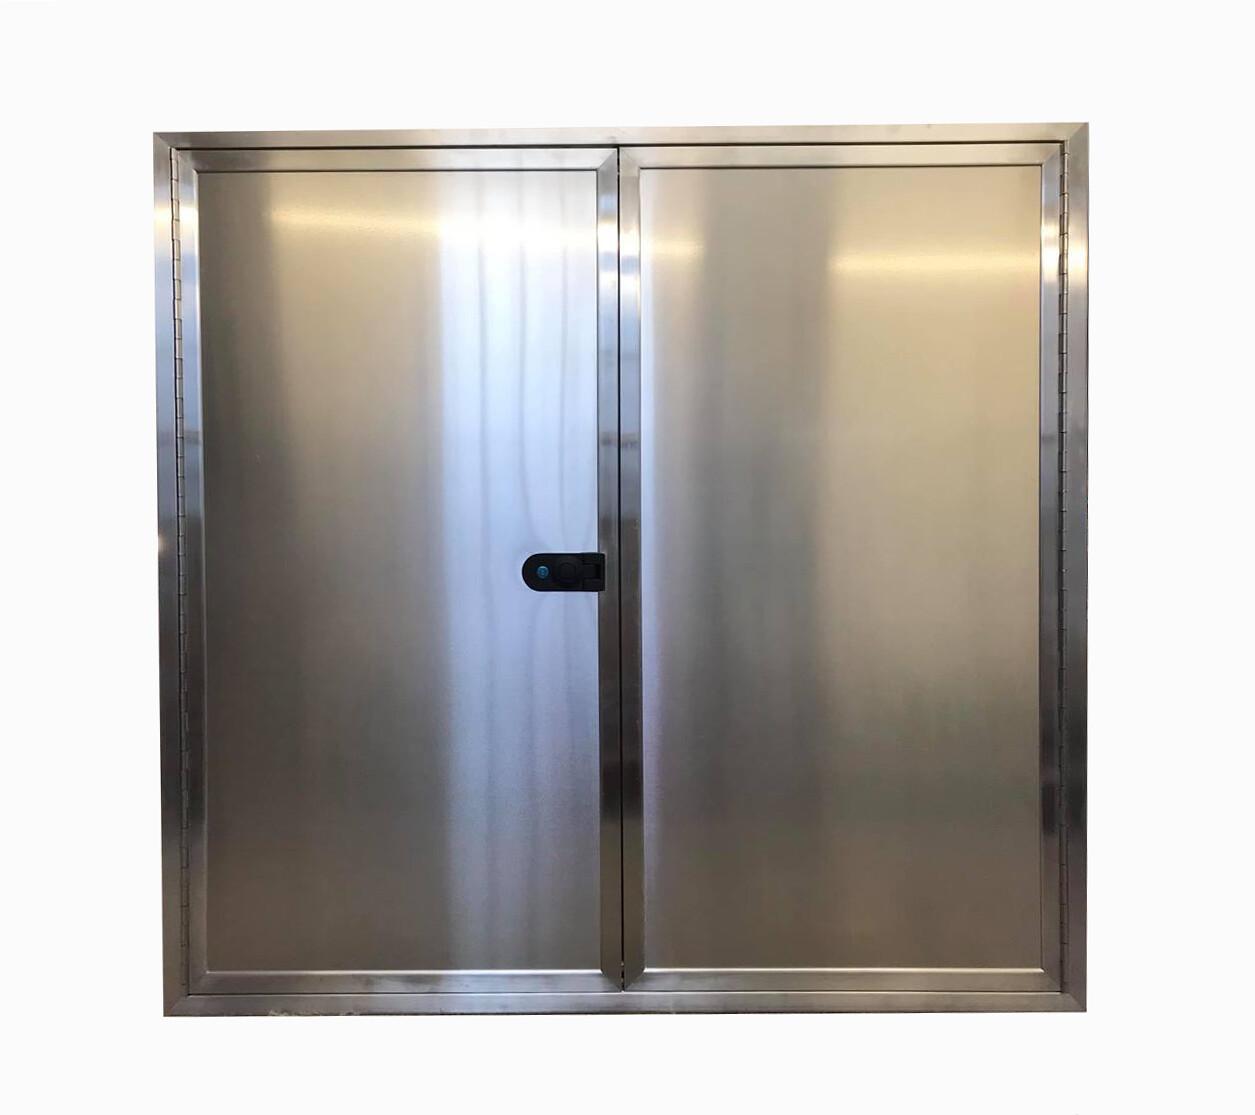 DoubleLocker Door 44 x 44